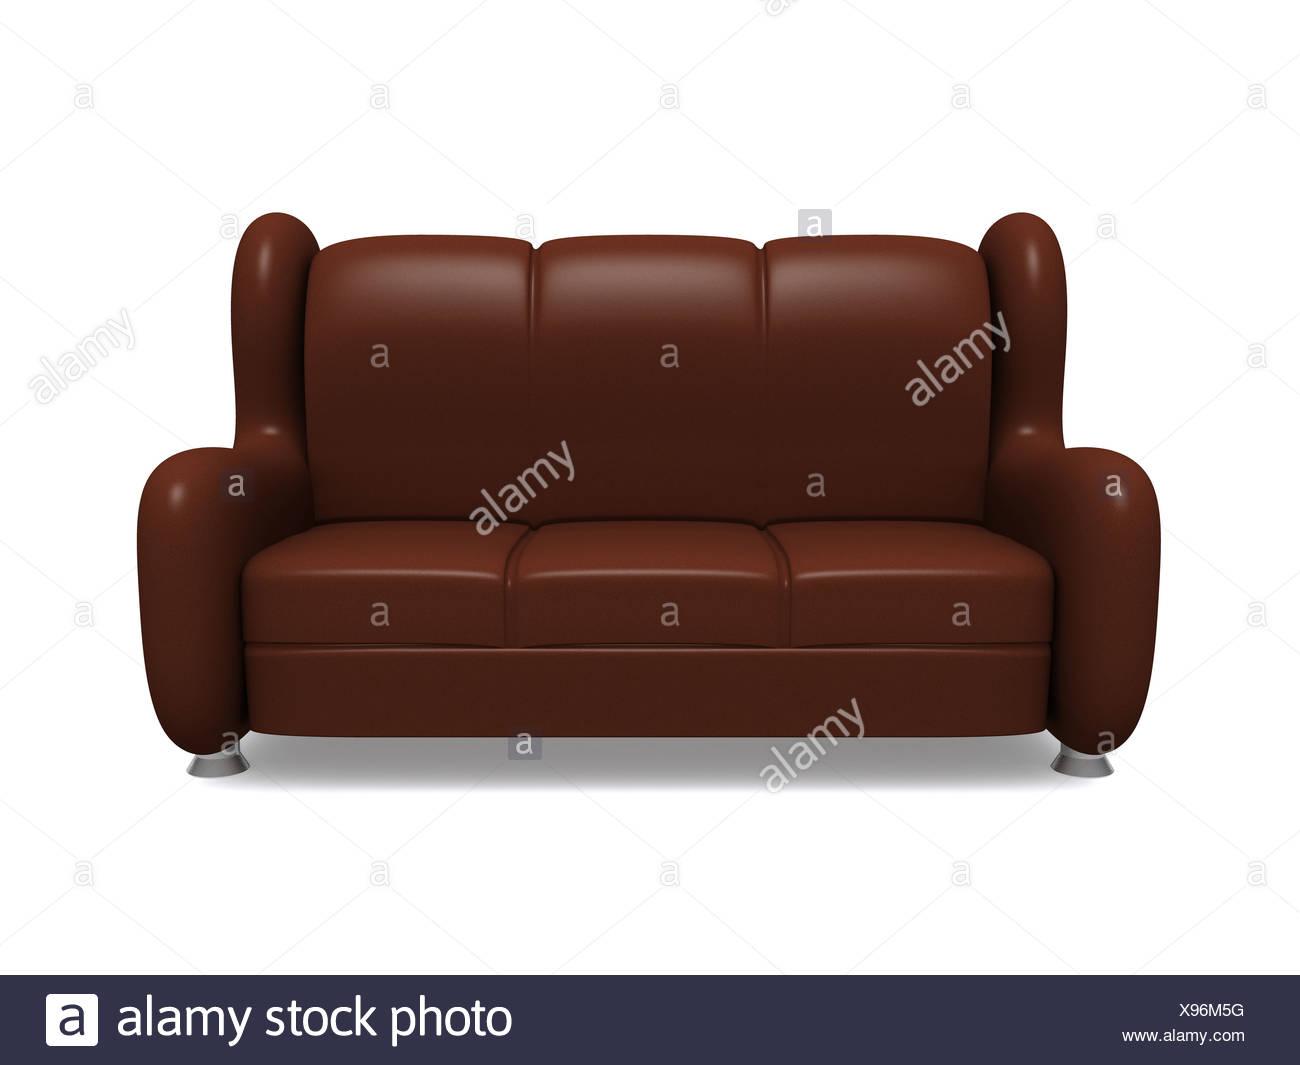 sofa. 3d - Stock Image